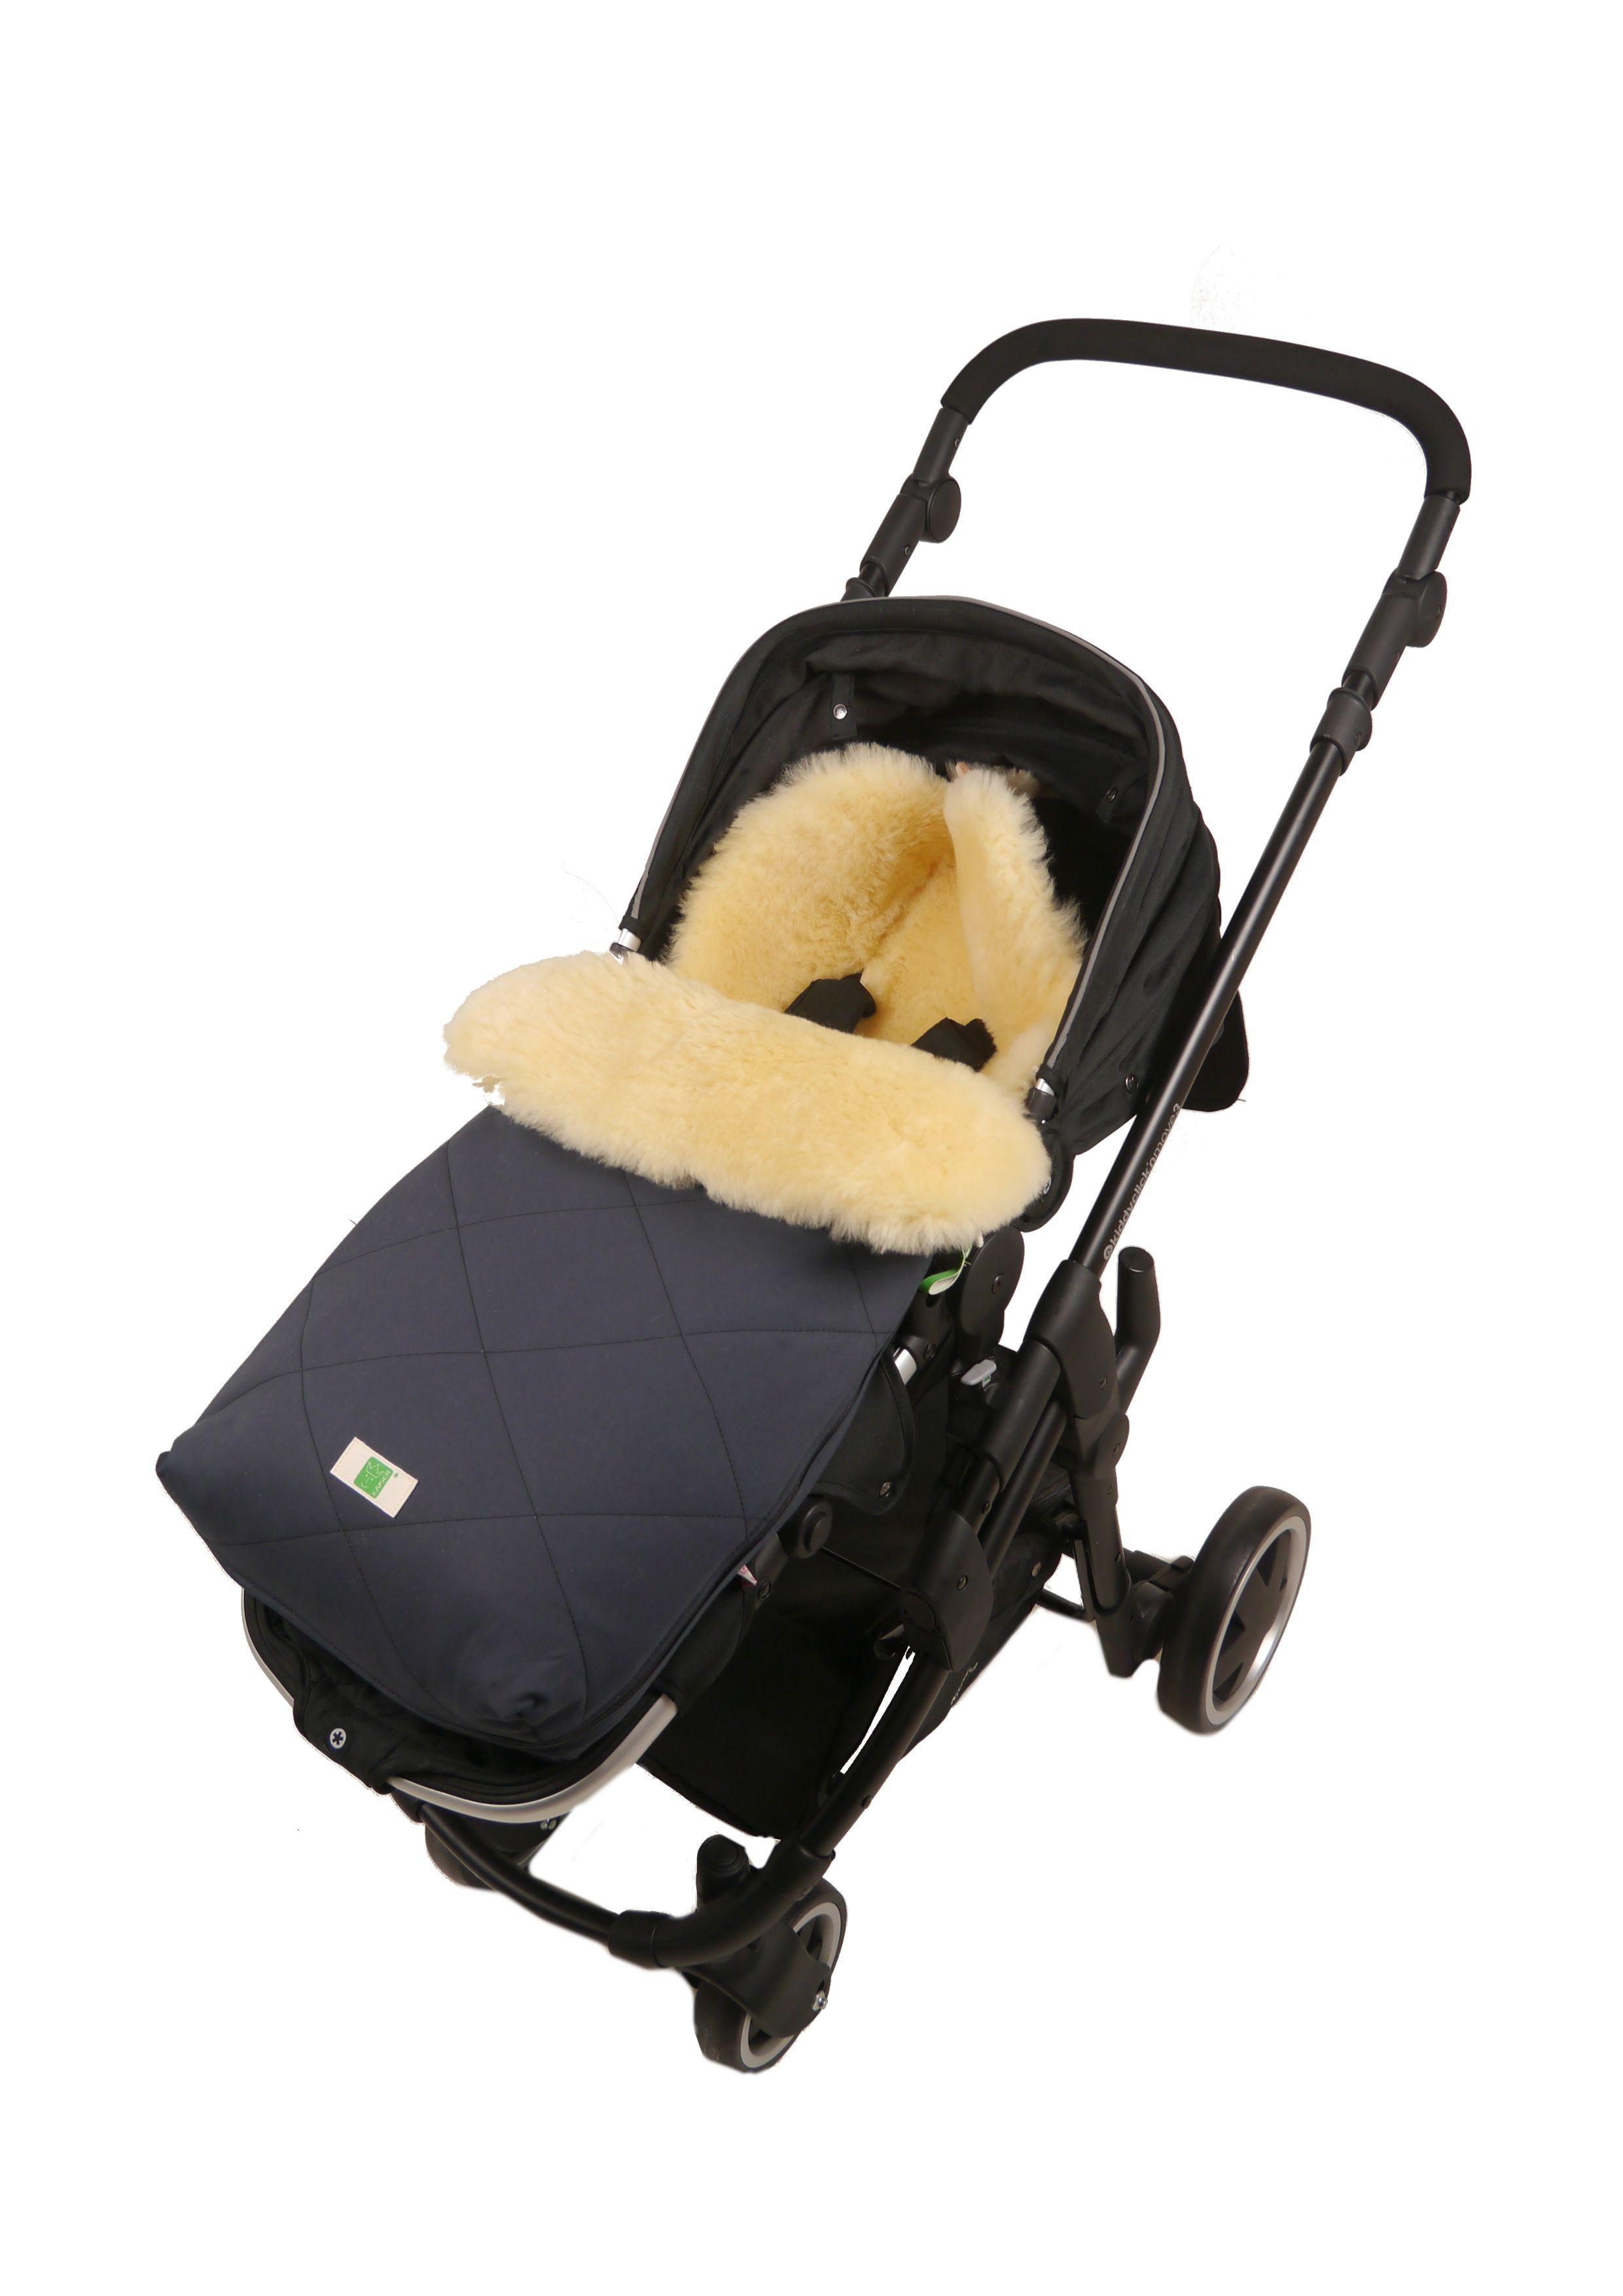 Natura Organic Cotton Medizin Kinder Wagen Kinderwagen Baby Zubehor